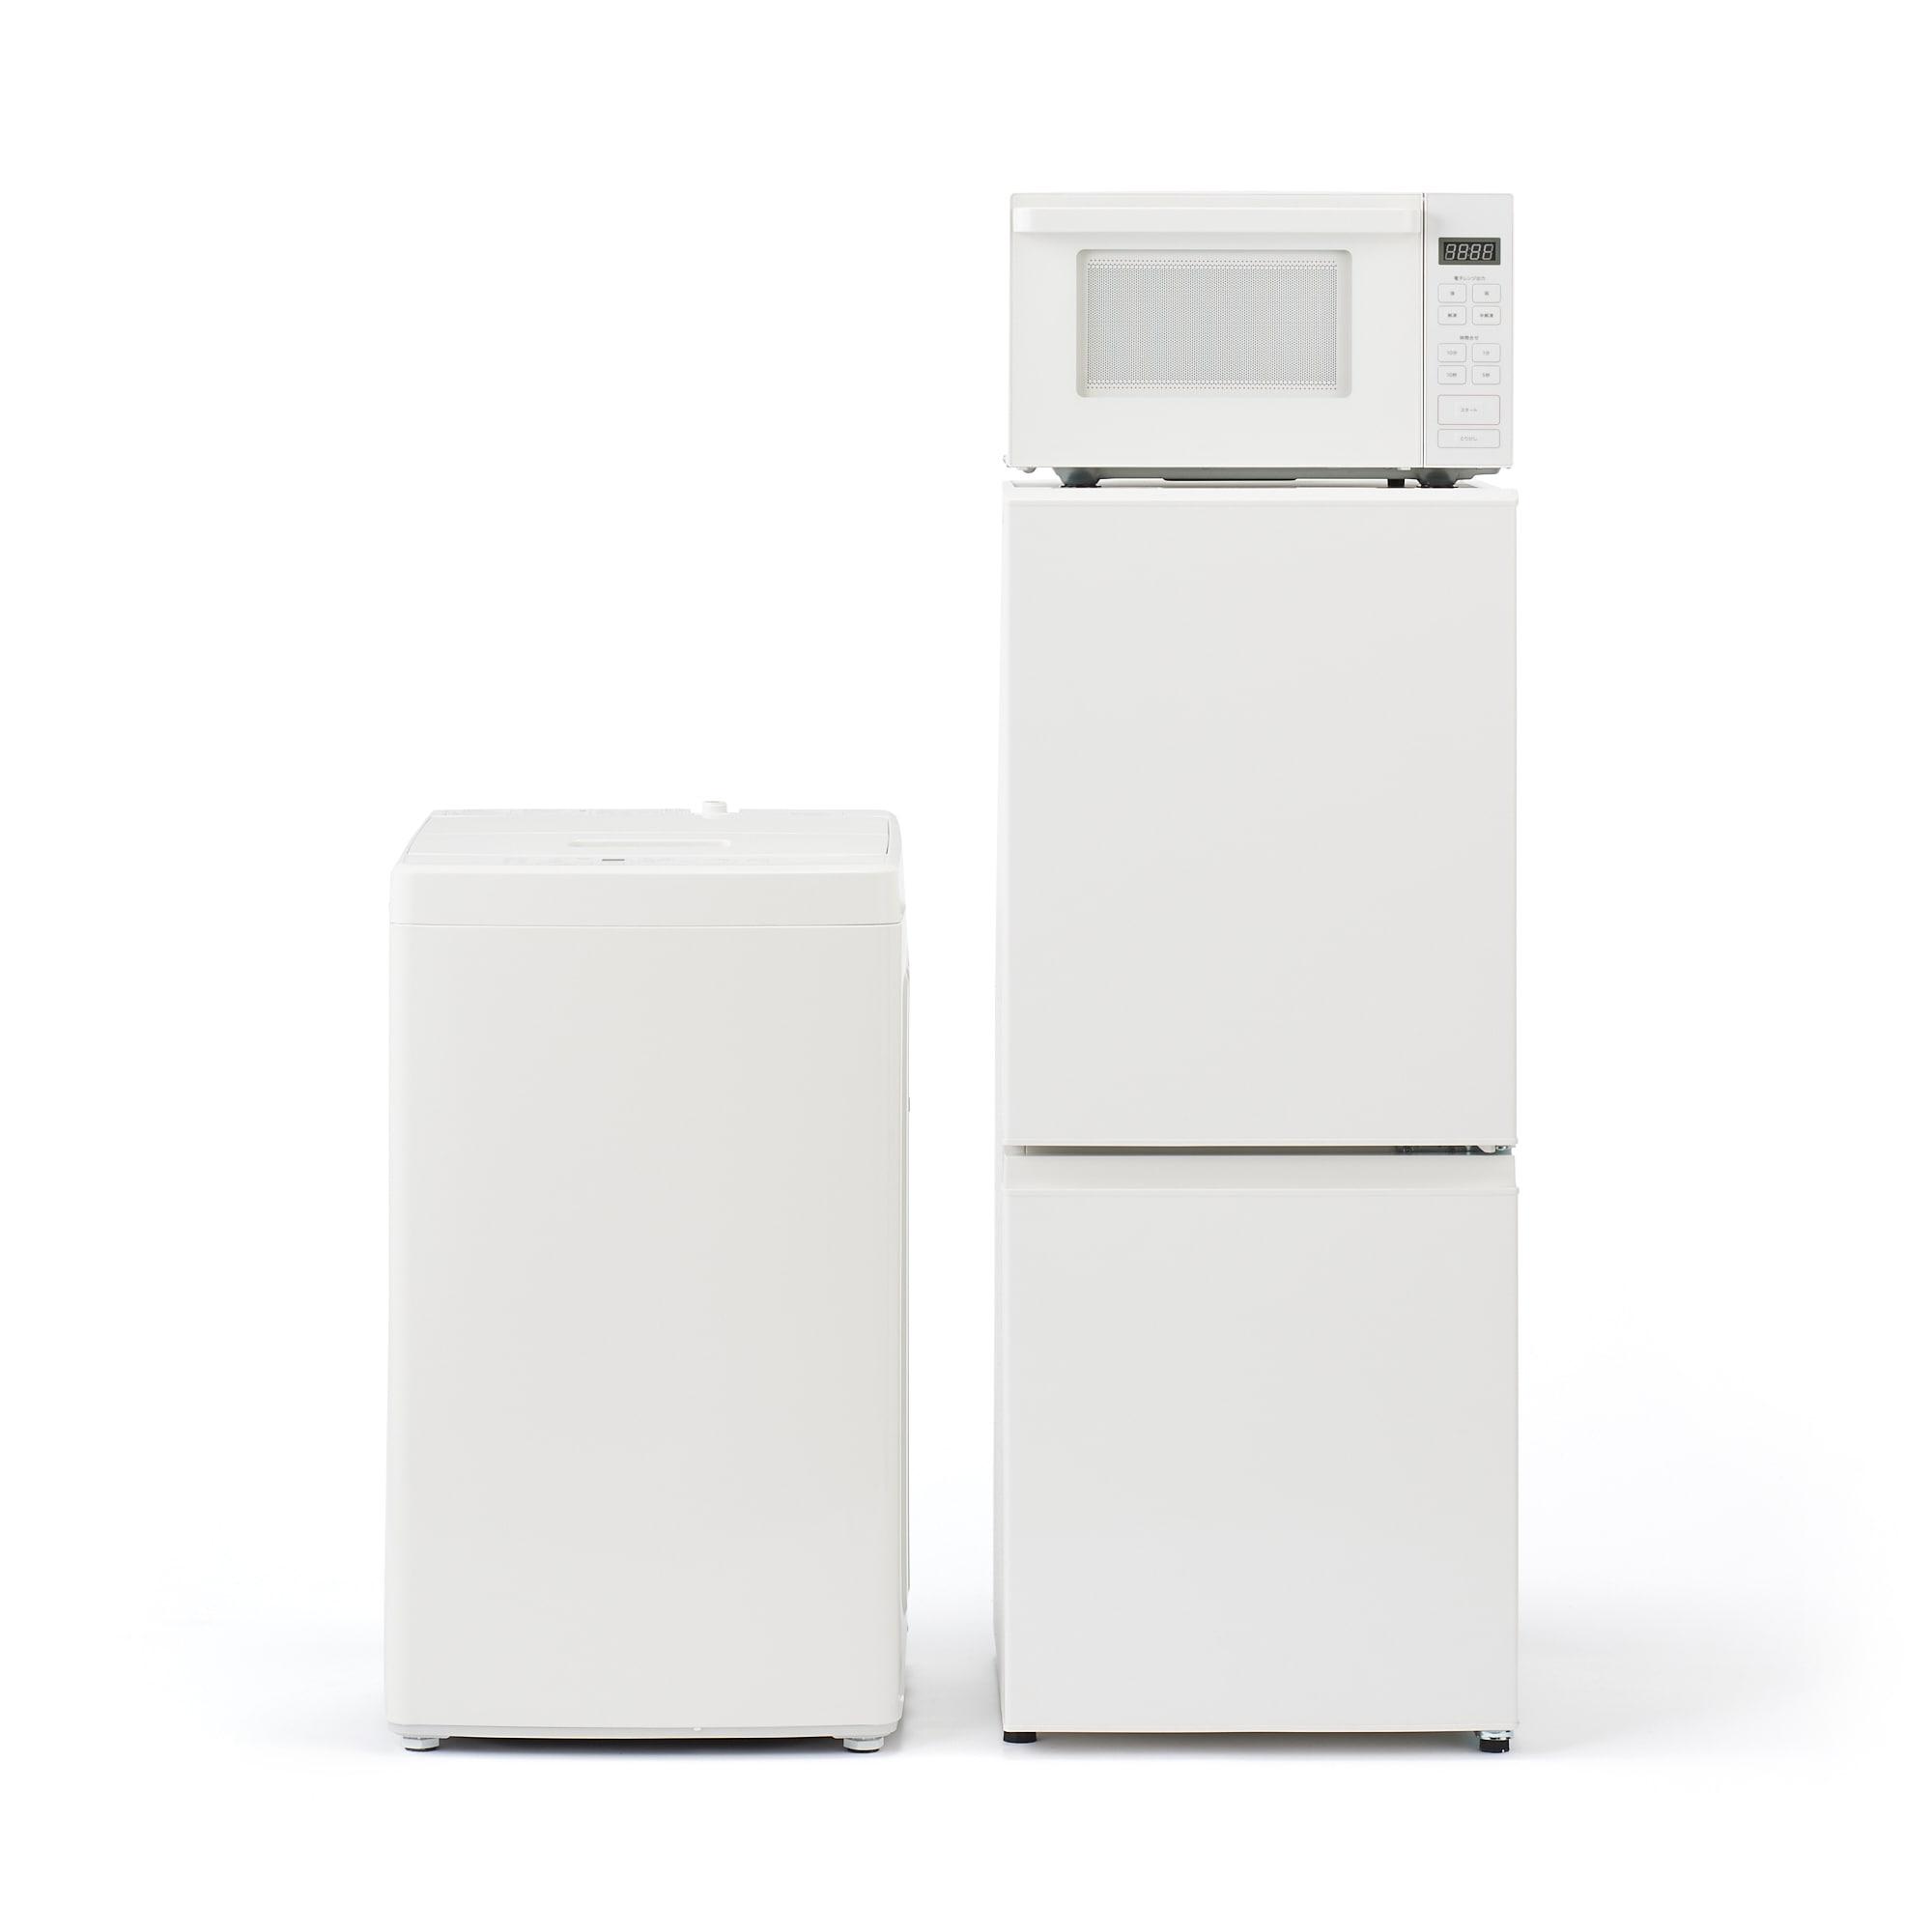 [무인양품] MUJI 가전 3종세트 냉장고 세탁기 전자레인지 MJ-R13A MJ-W50A 일본 공식스토어 상품